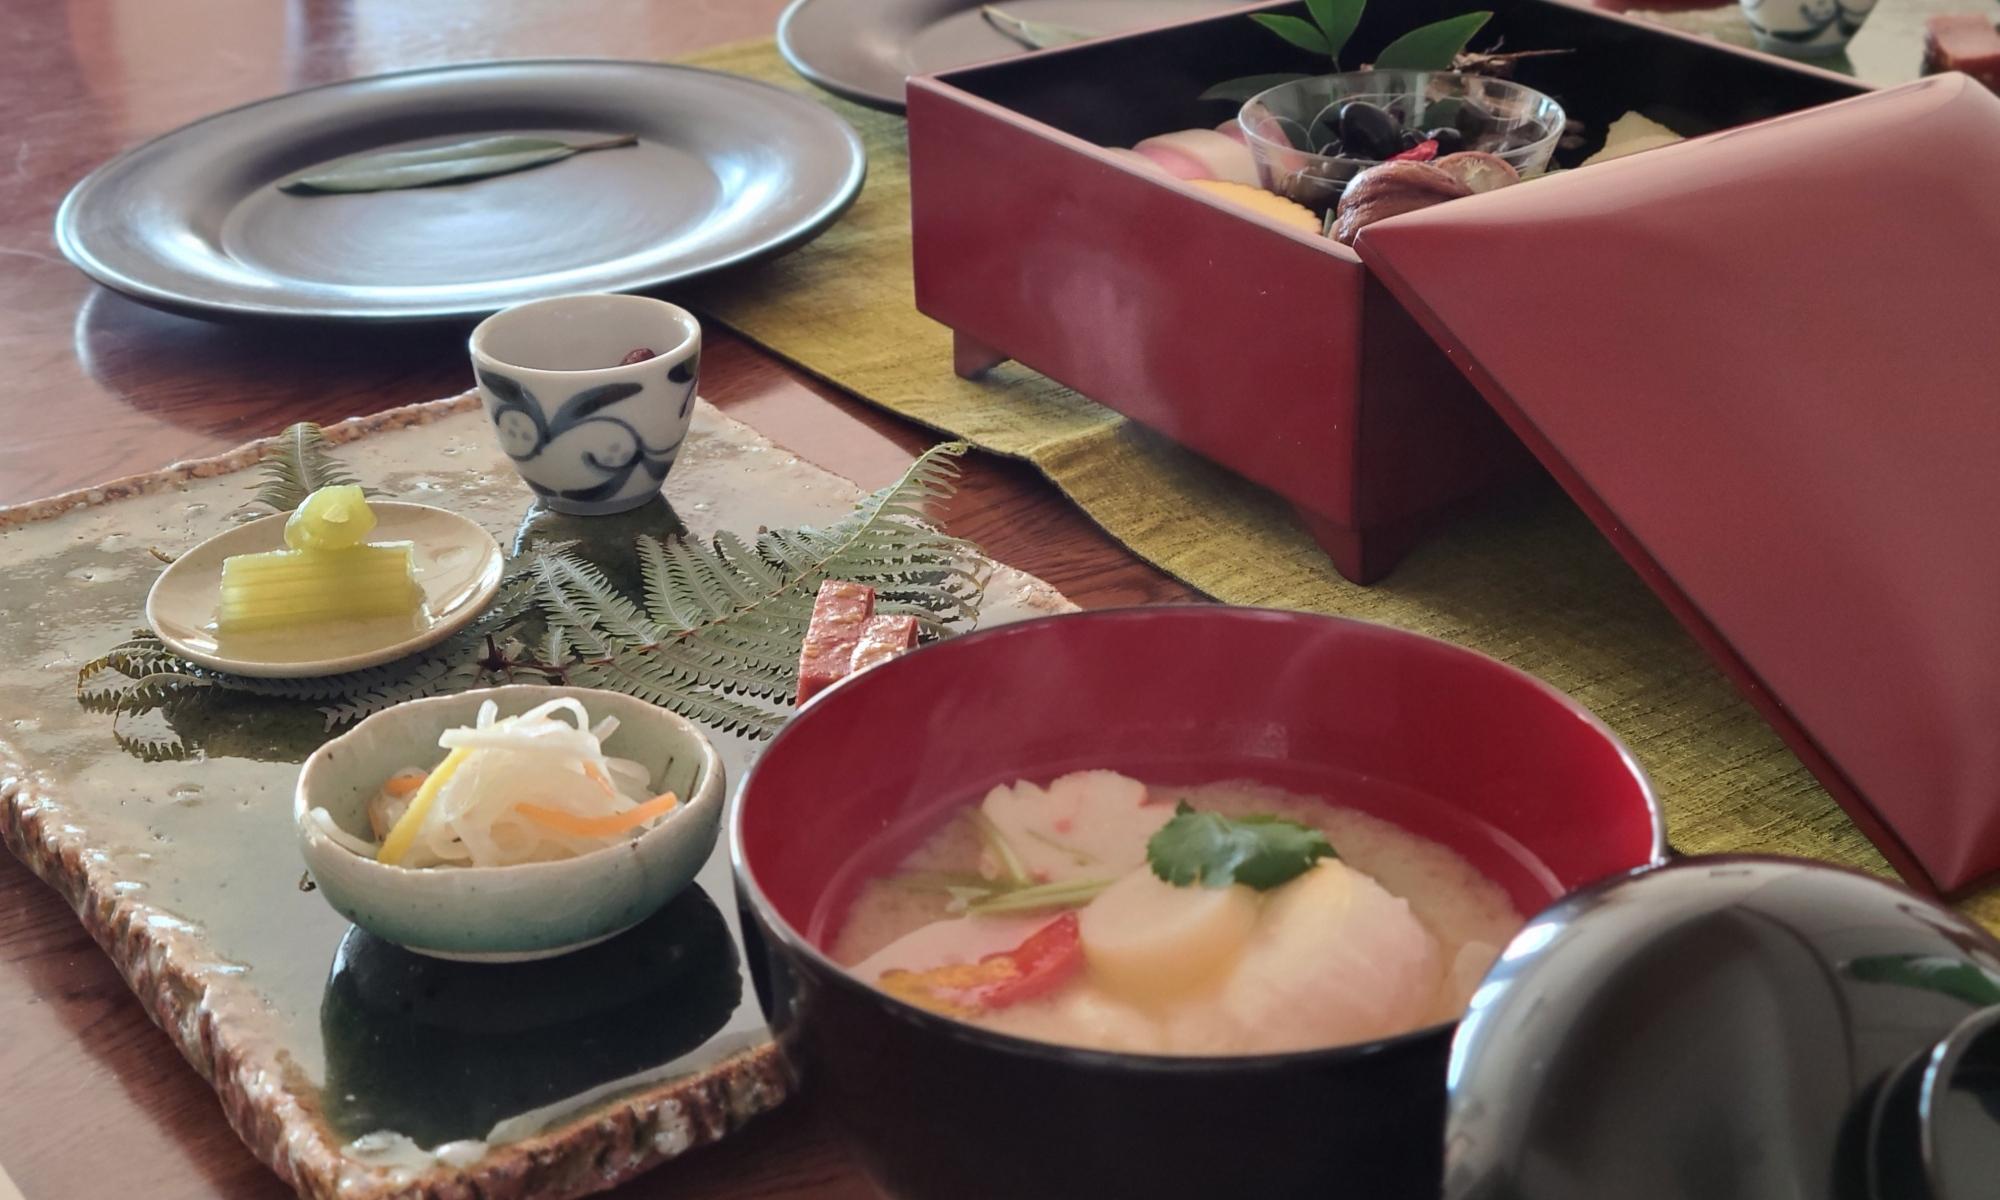 テーブルにお重に入ったお節料理や雑煮などが並んでいます。